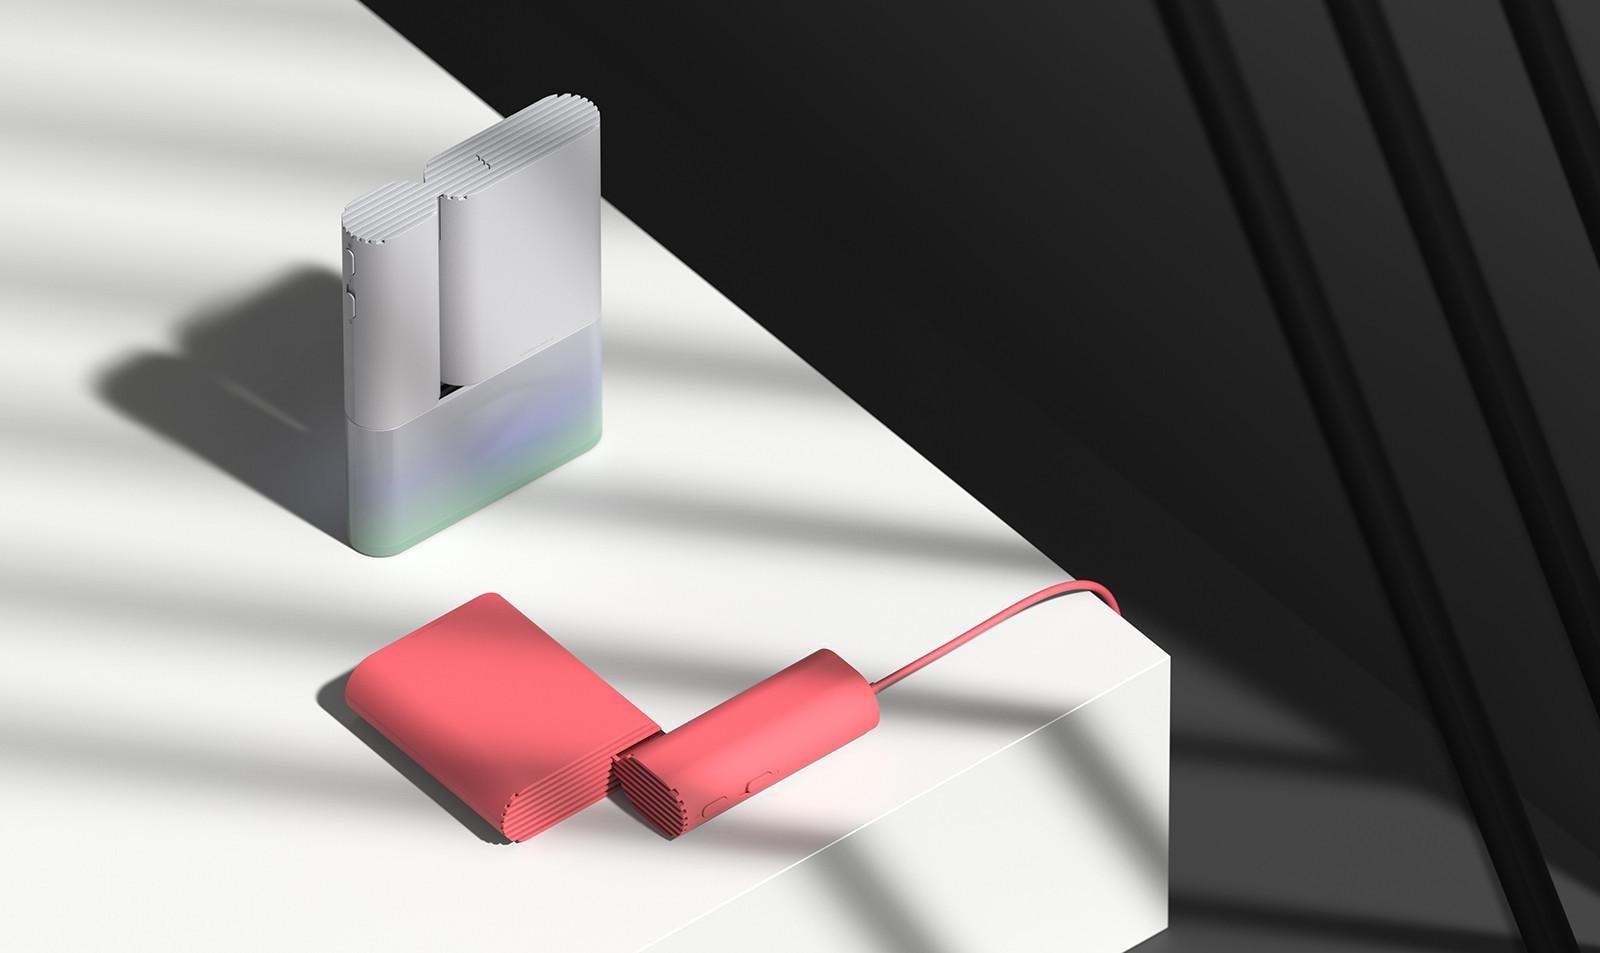 可以收得整整齊齊的概念吹風機 - 癮科技